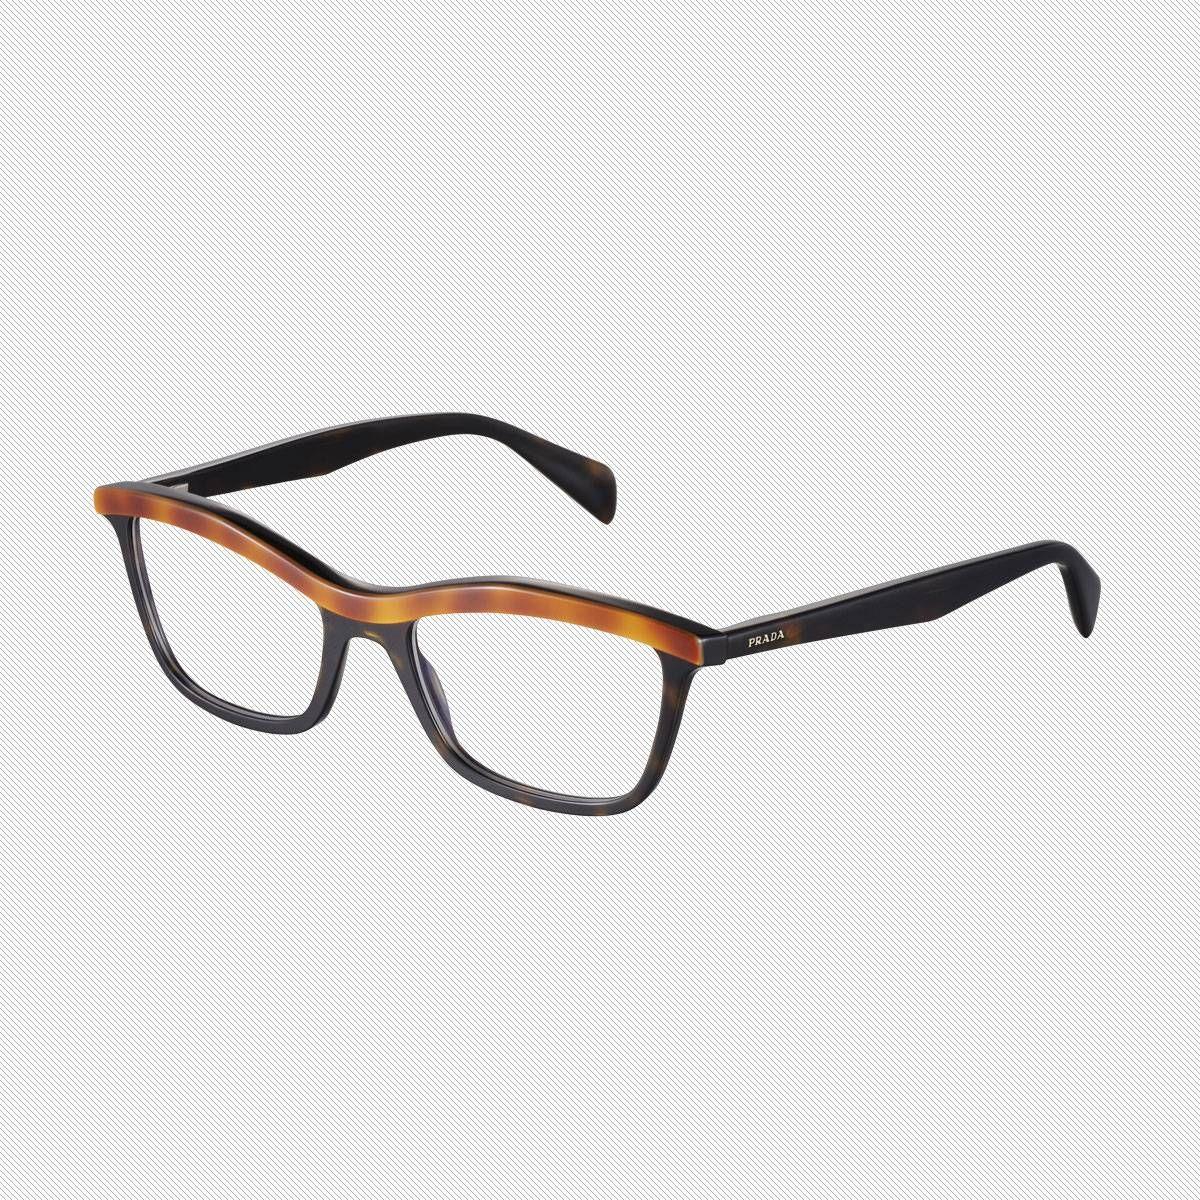 92f0ca3dab6bd Prada glasses   Glasses   Pinterest